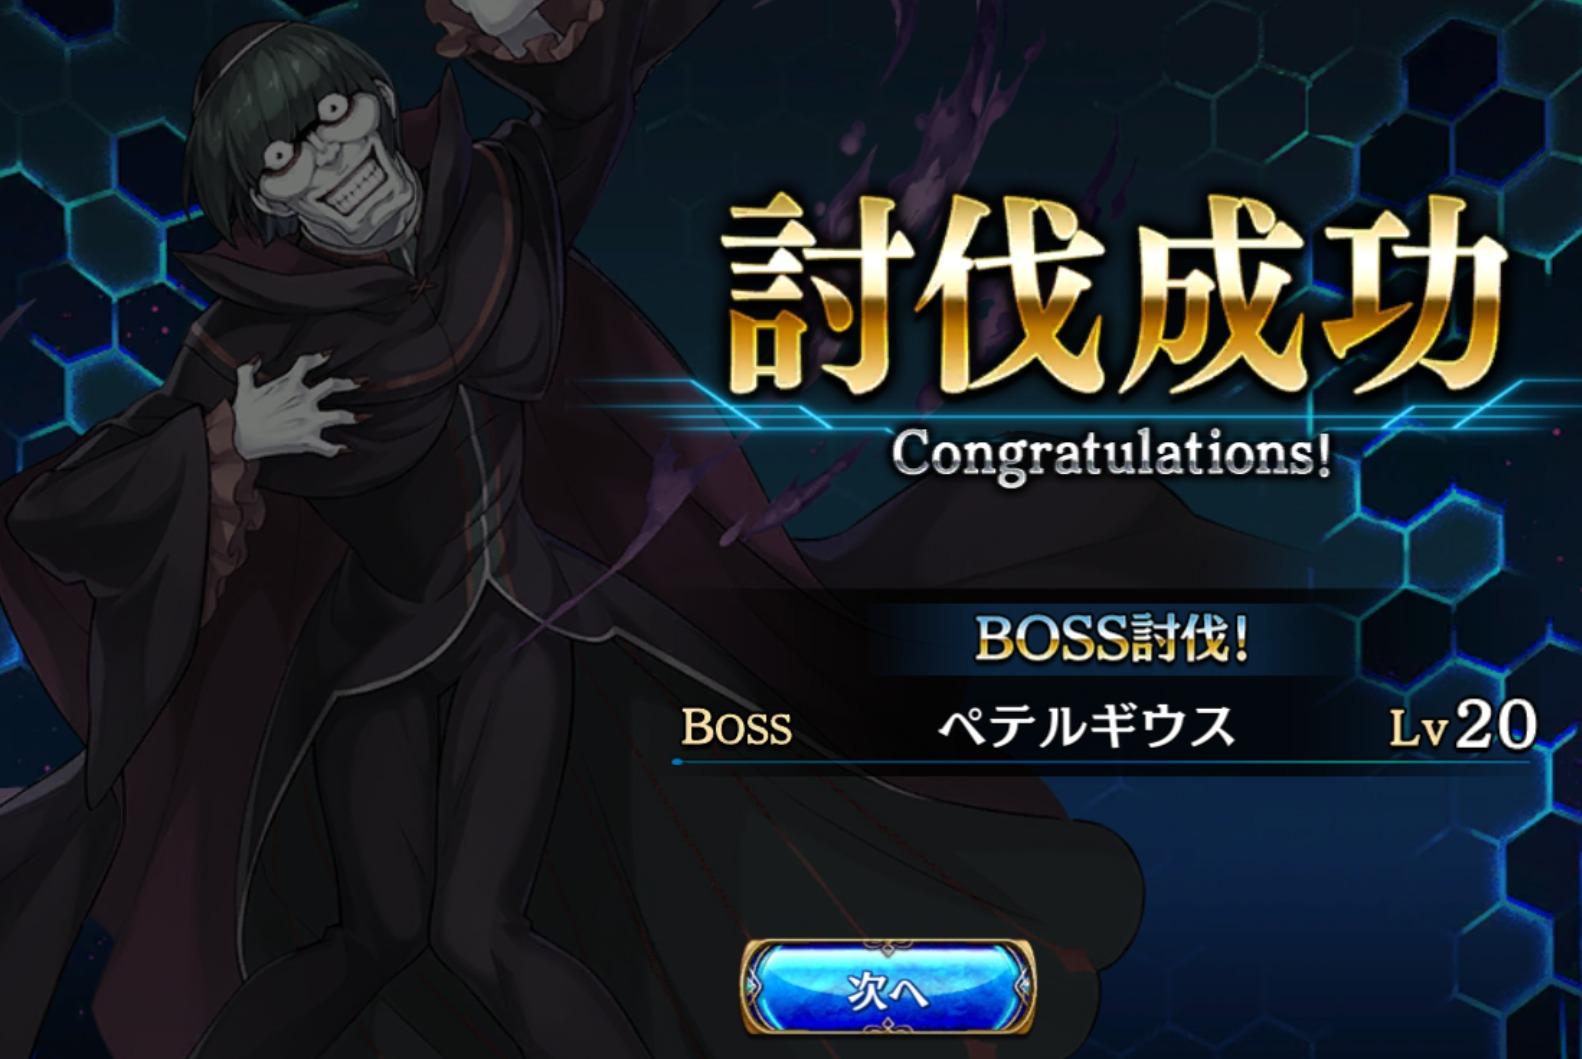 【Reゼロ】Reゼロから重なる異世界生活 ボスバトル エクストラ